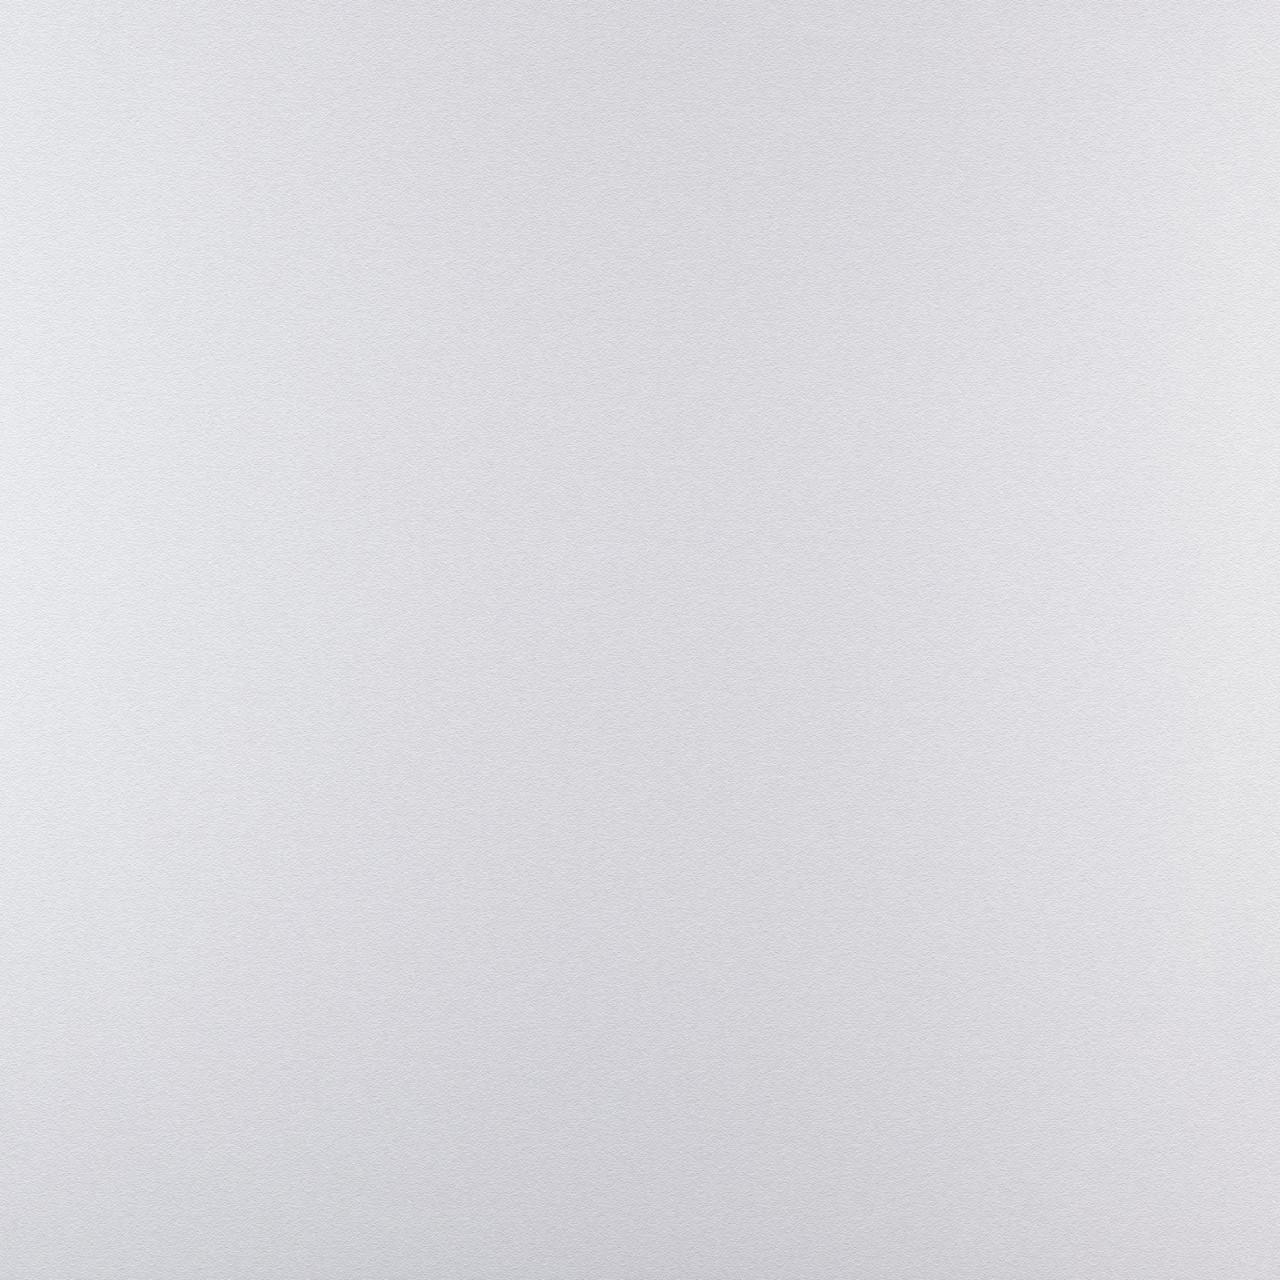 Керамогранит Белая матовая  60x60